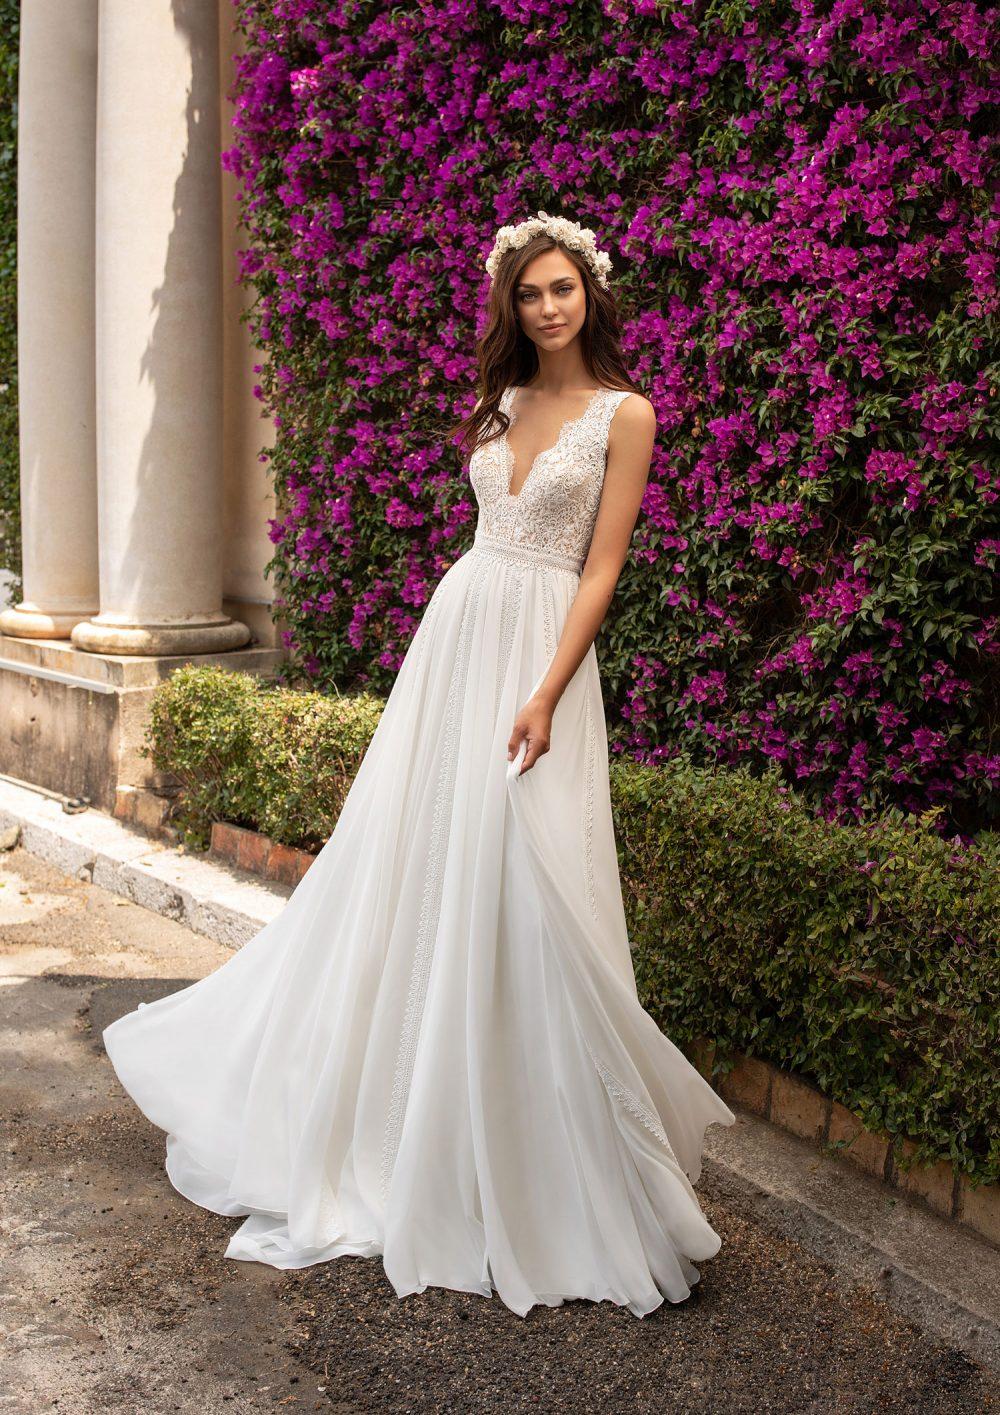 Pronovias 2022 abito vestito sposa Vicenza EFIGIE